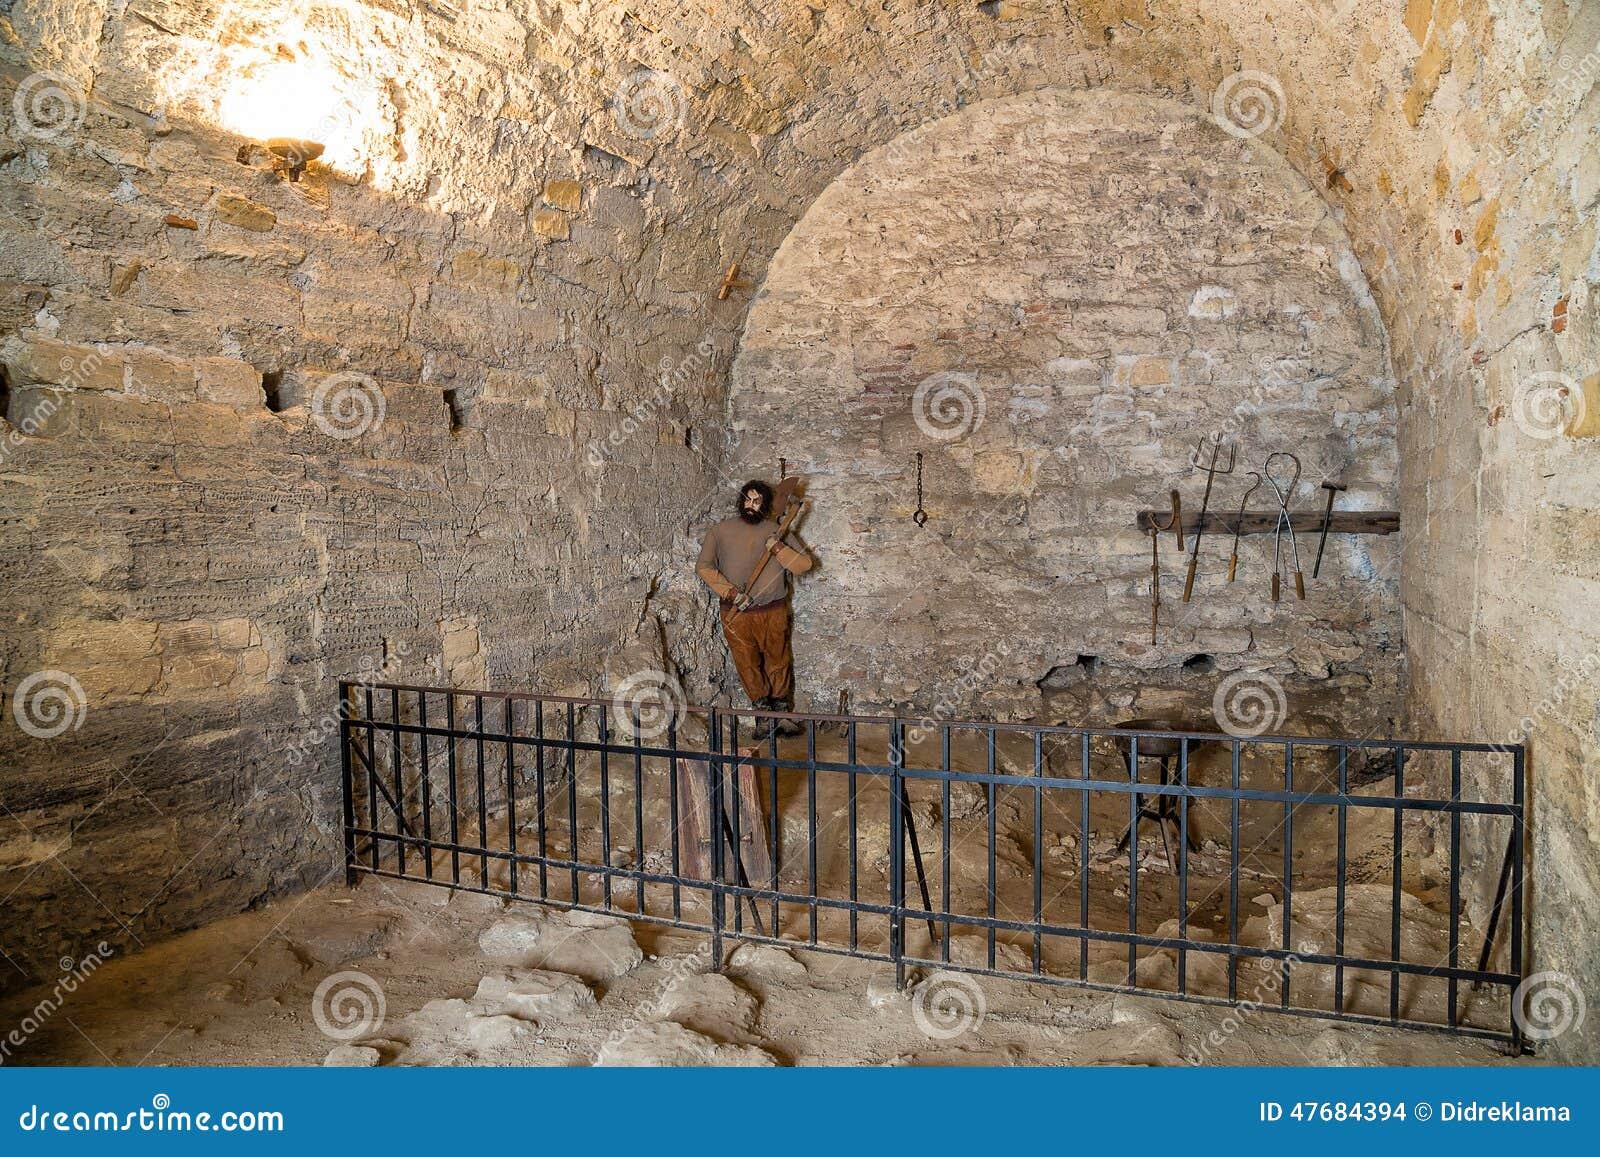 Mittelalterliches Gefängnis in Baba Vida-Festung